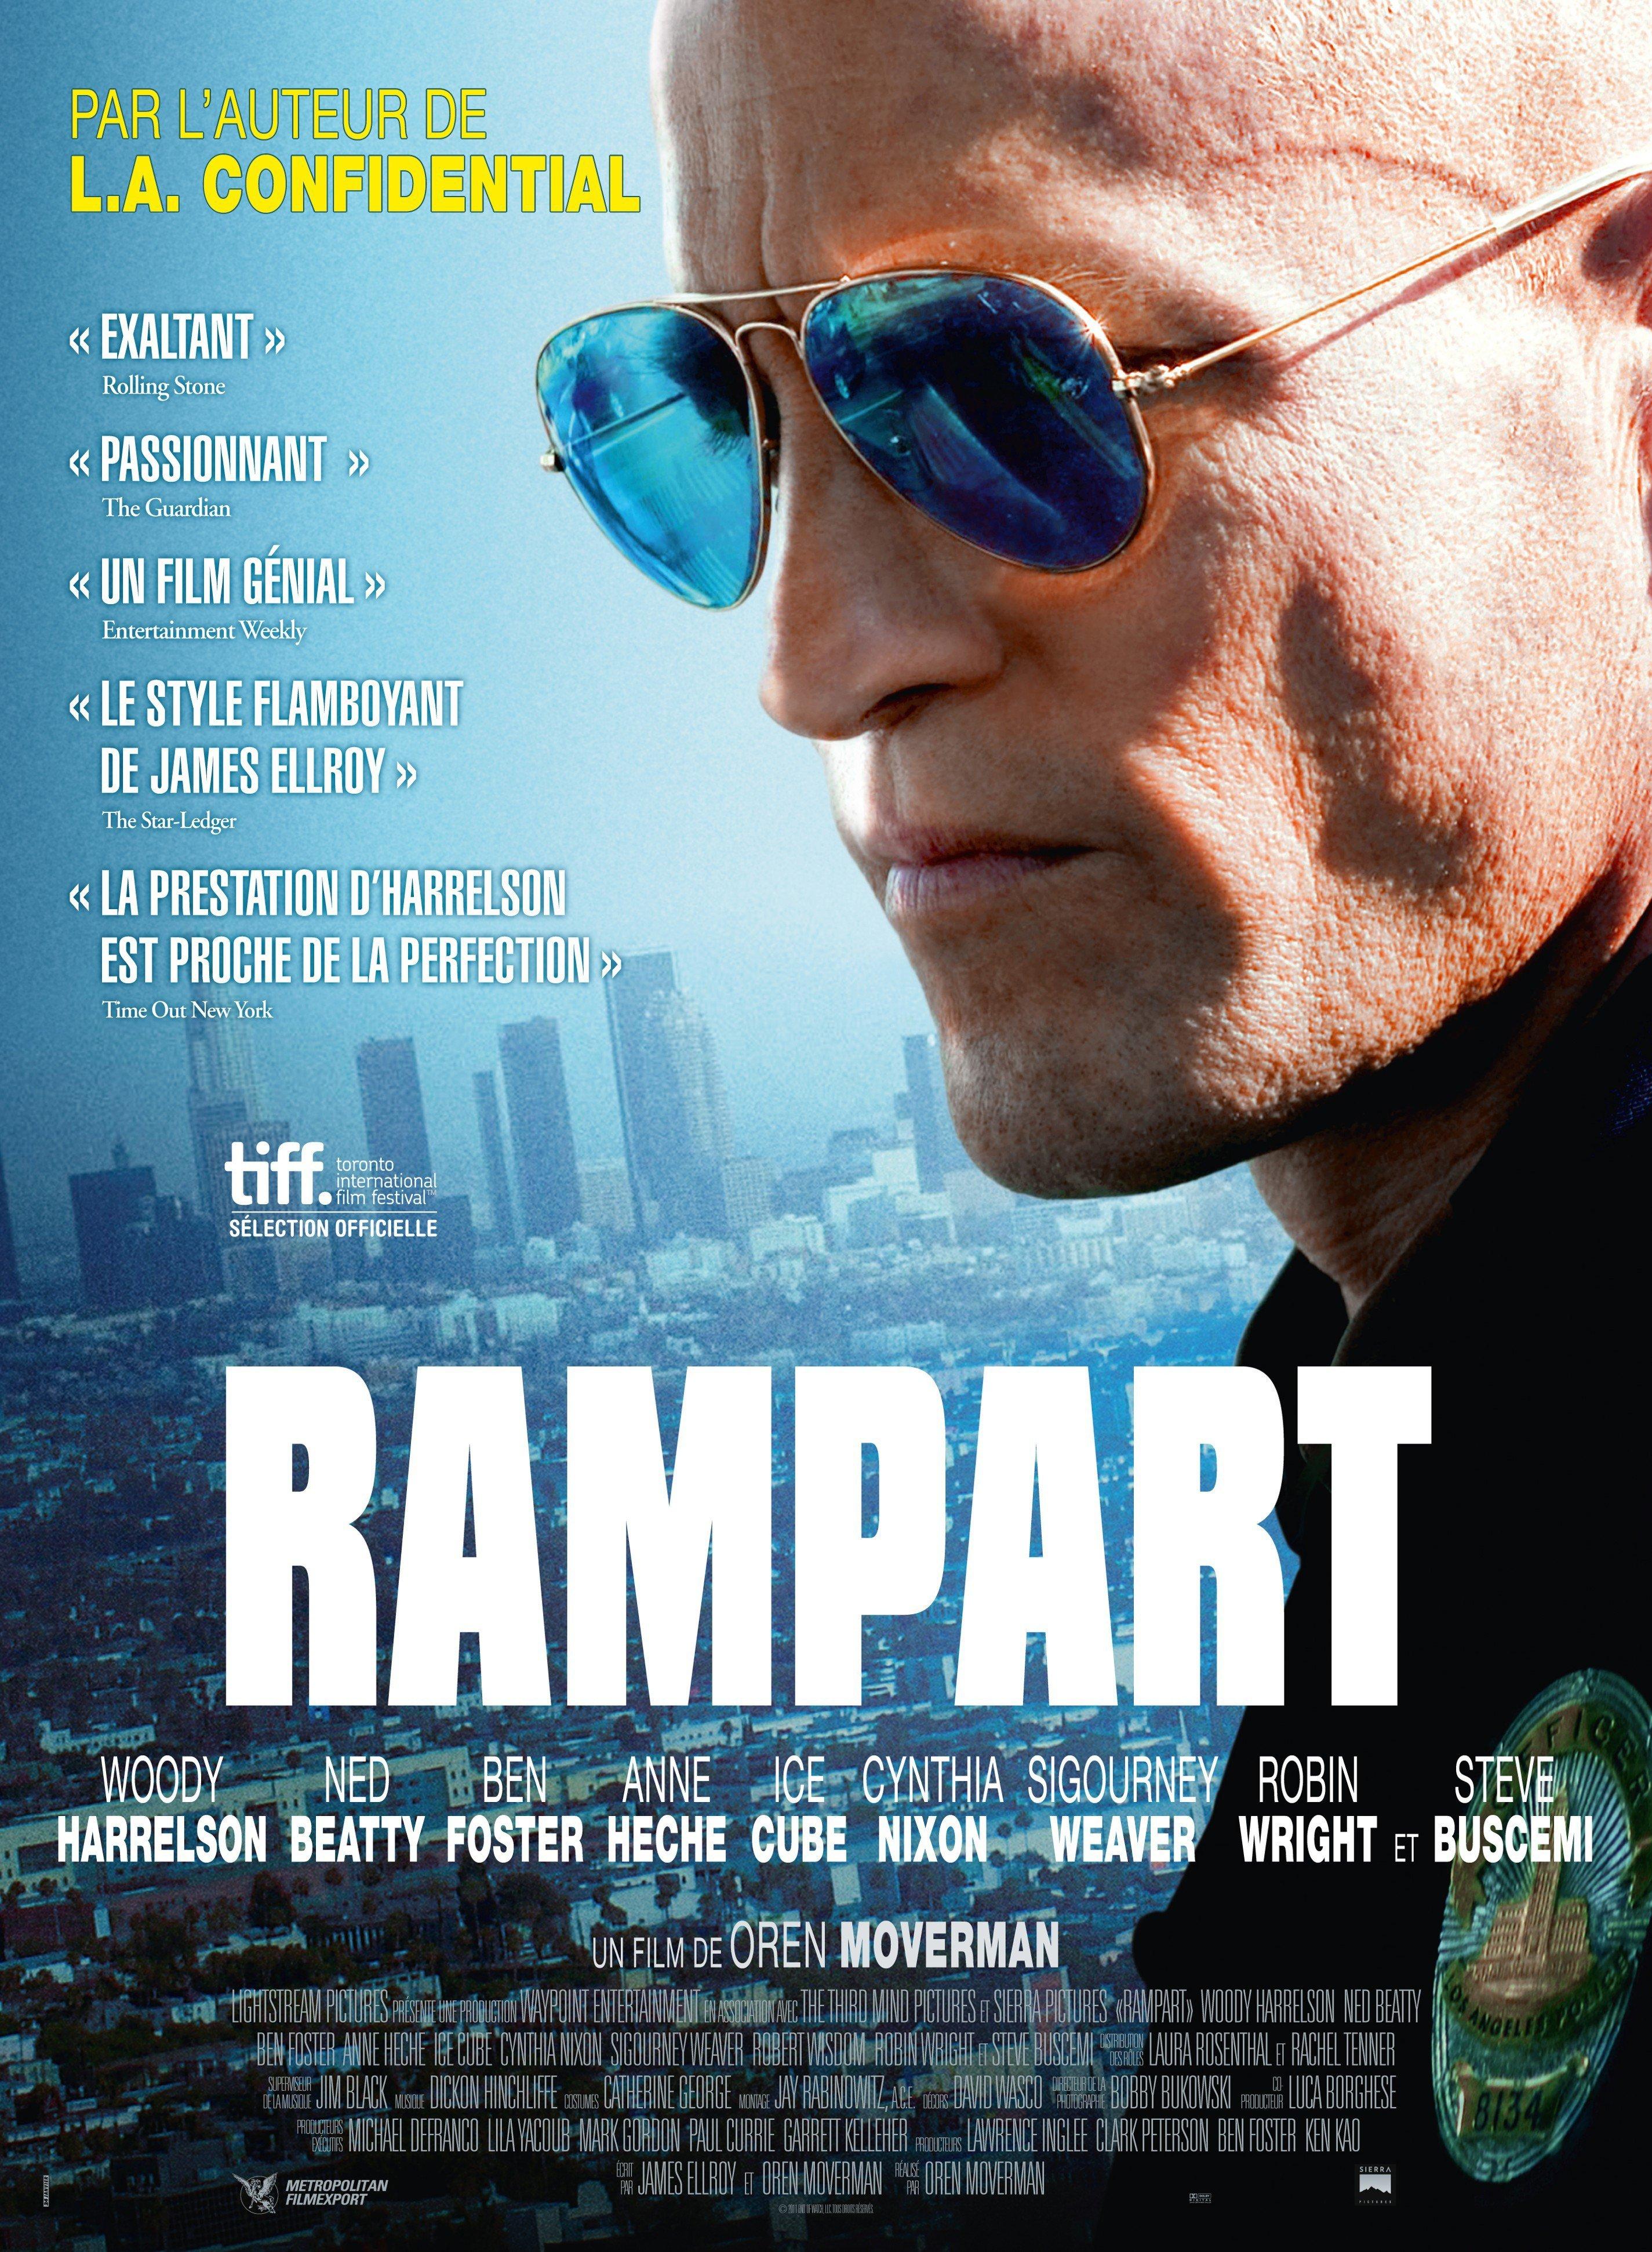 affiche du film Rampart